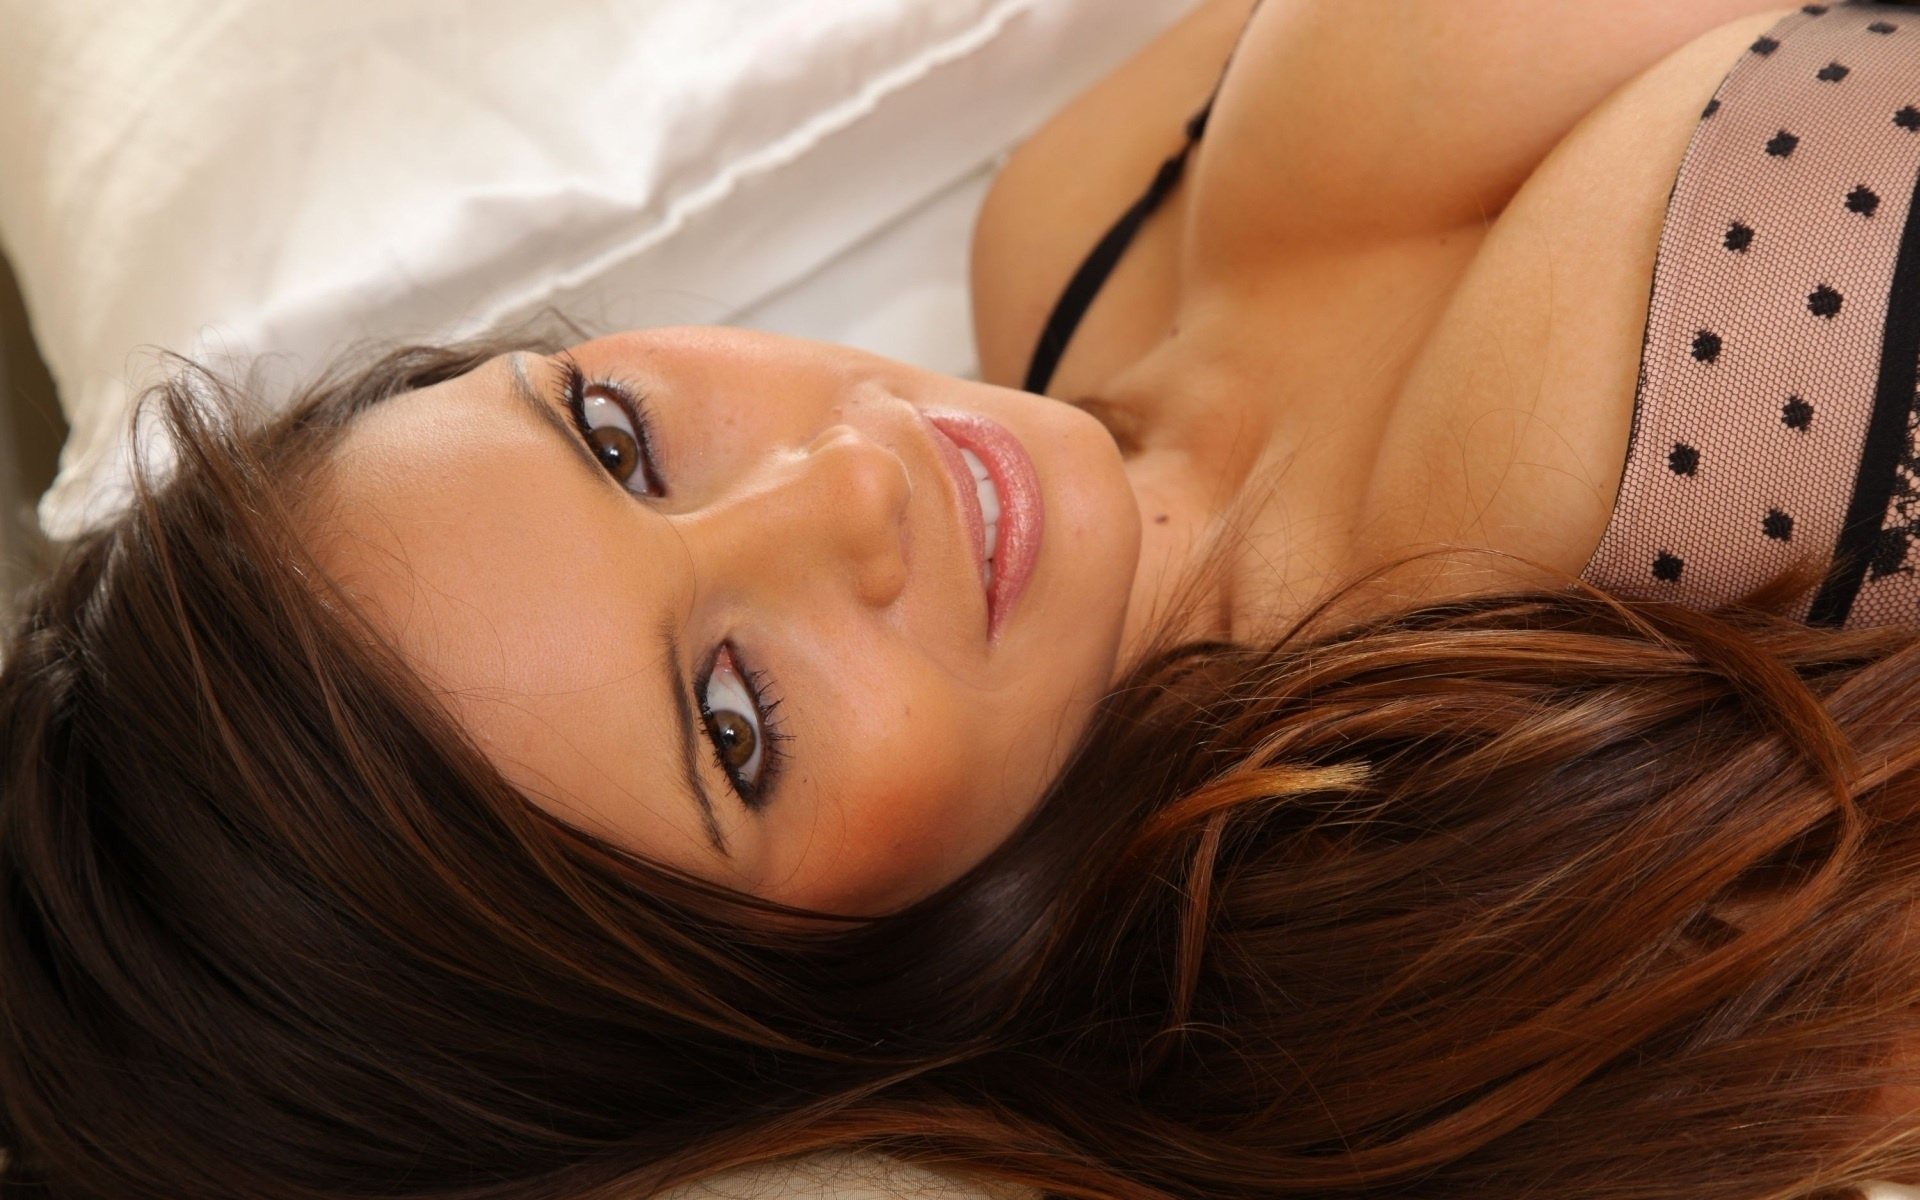 Самая красивая грудь девушки на рабочий стол фото 248-48